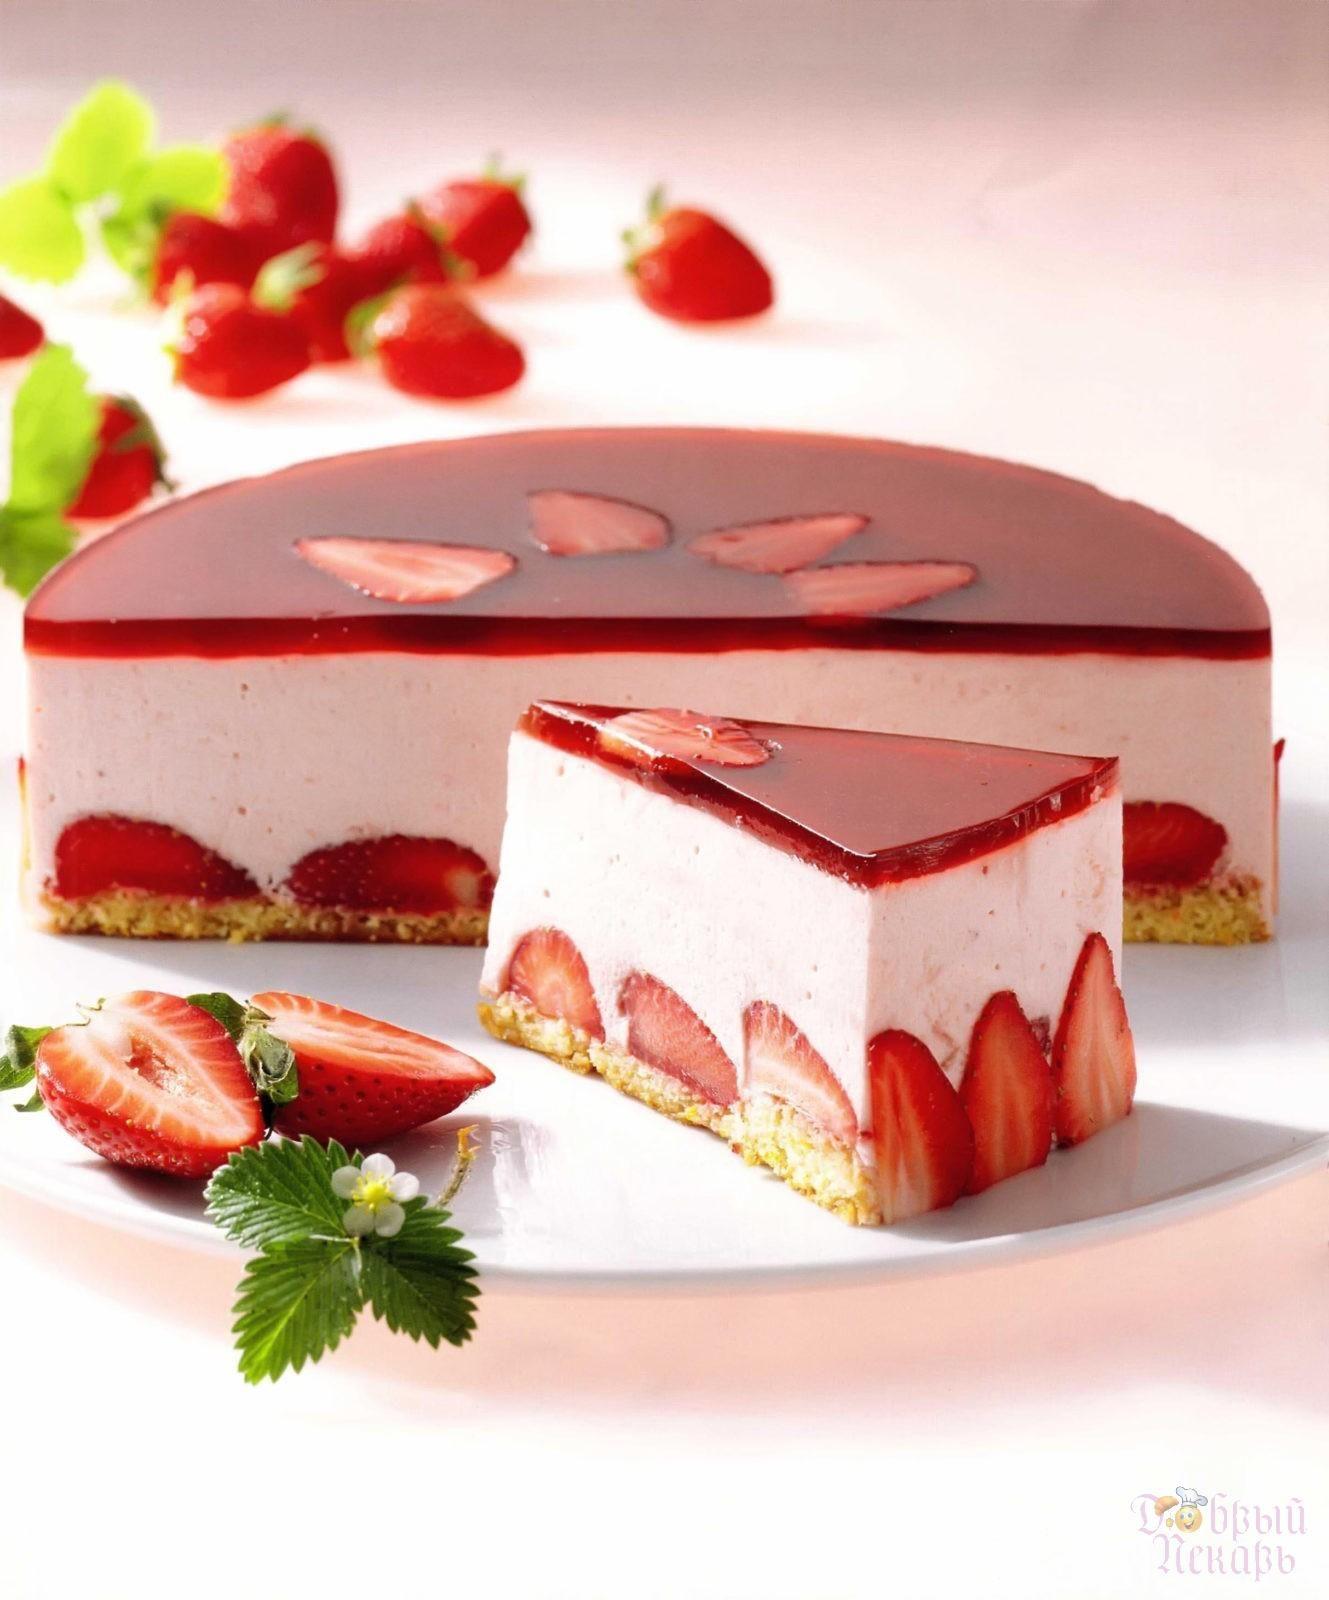 клубничный мусс для торта рецепт с фото опубликуем текст который